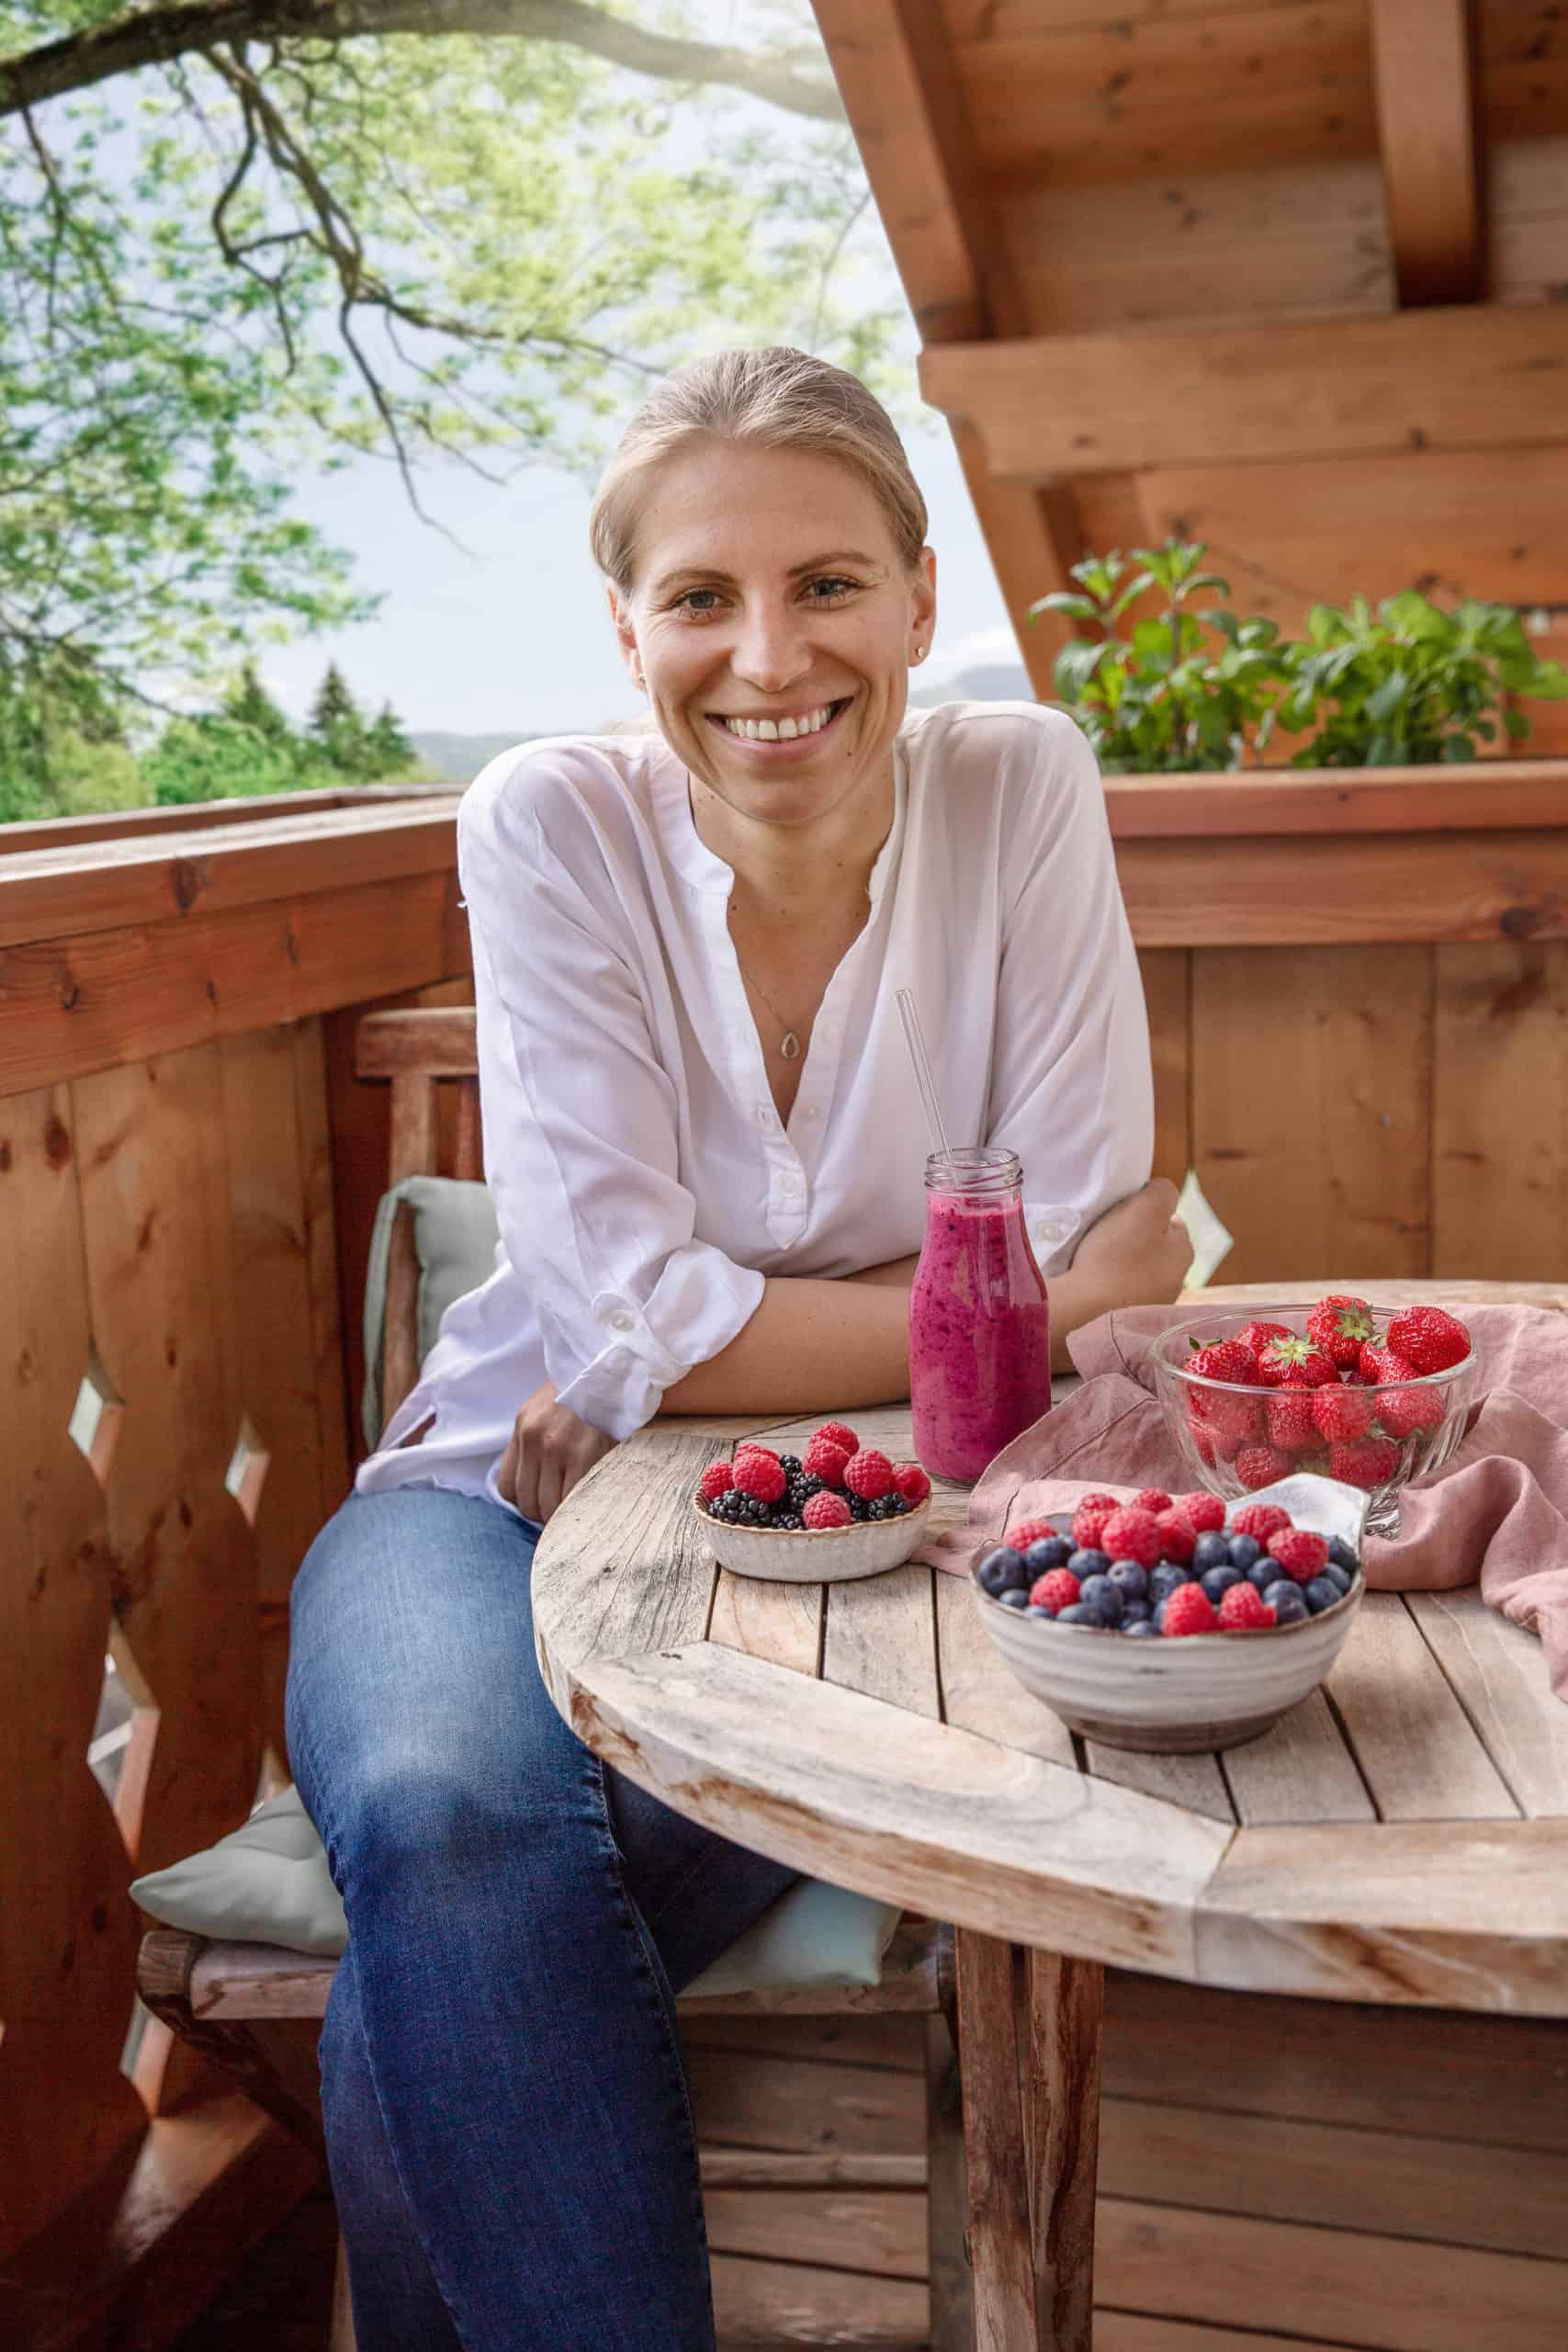 """Top Back Blogs: """"Eine Bäuerin, die bäckt und bloggt"""",- Interview mit Christina Bauer von backenmitchristina.at"""